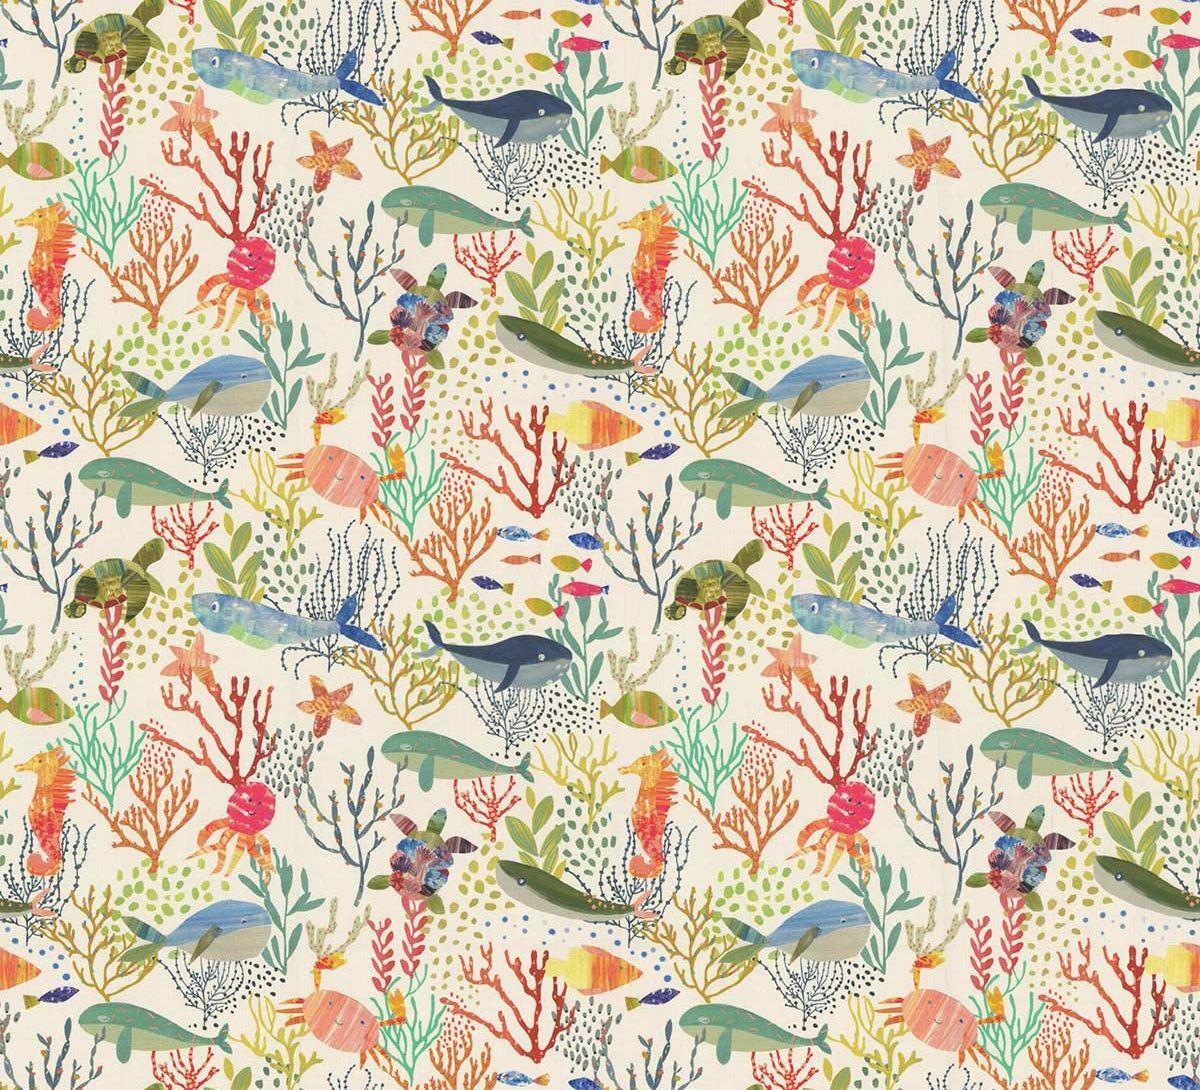 Bubbles Fabric - Jungle - by Prestigious